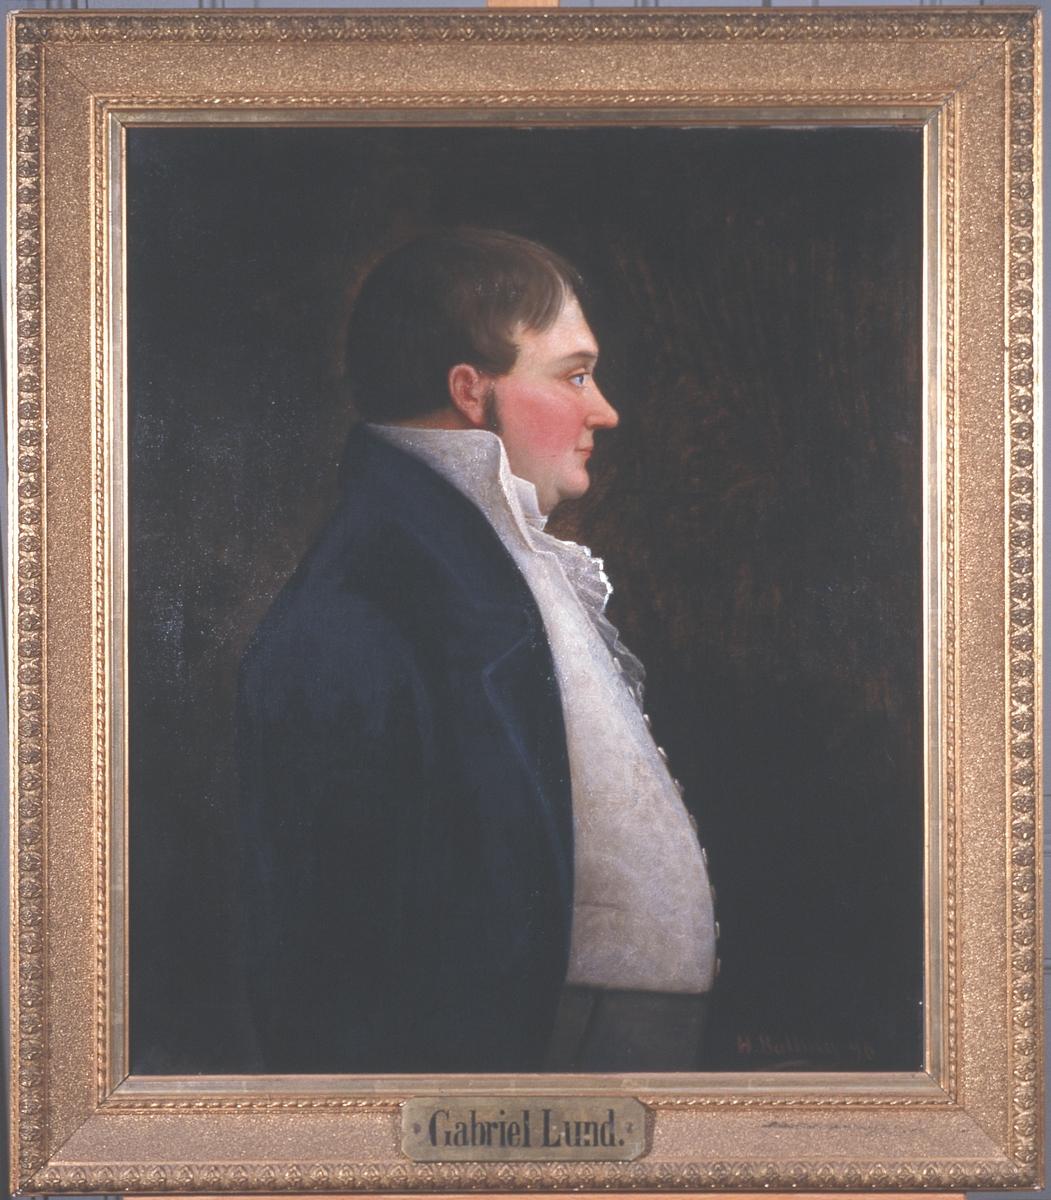 Portrett av Gabriel Lund Mann i profil, brunt hår og kinnskjegg, dobbelthake, mage.  Mørk kledning, lys vest m. knapper og lys skjorte med rysj